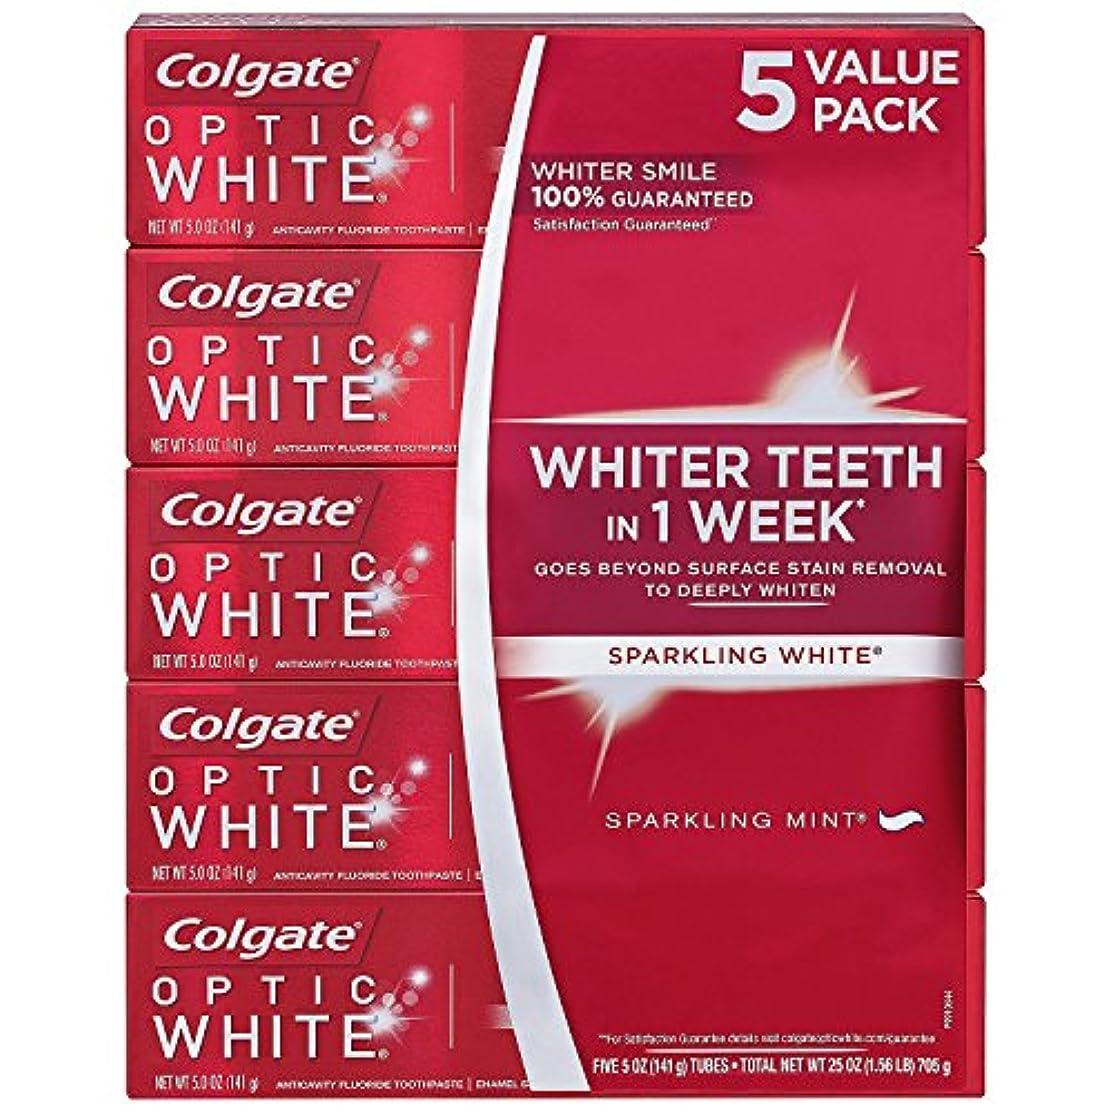 目を覚ます読みやすい昆虫海外直送品 Colgate Optic White コルゲート オプティック ホワイト スパークリングミント141g ×5本 [Pack of 5]